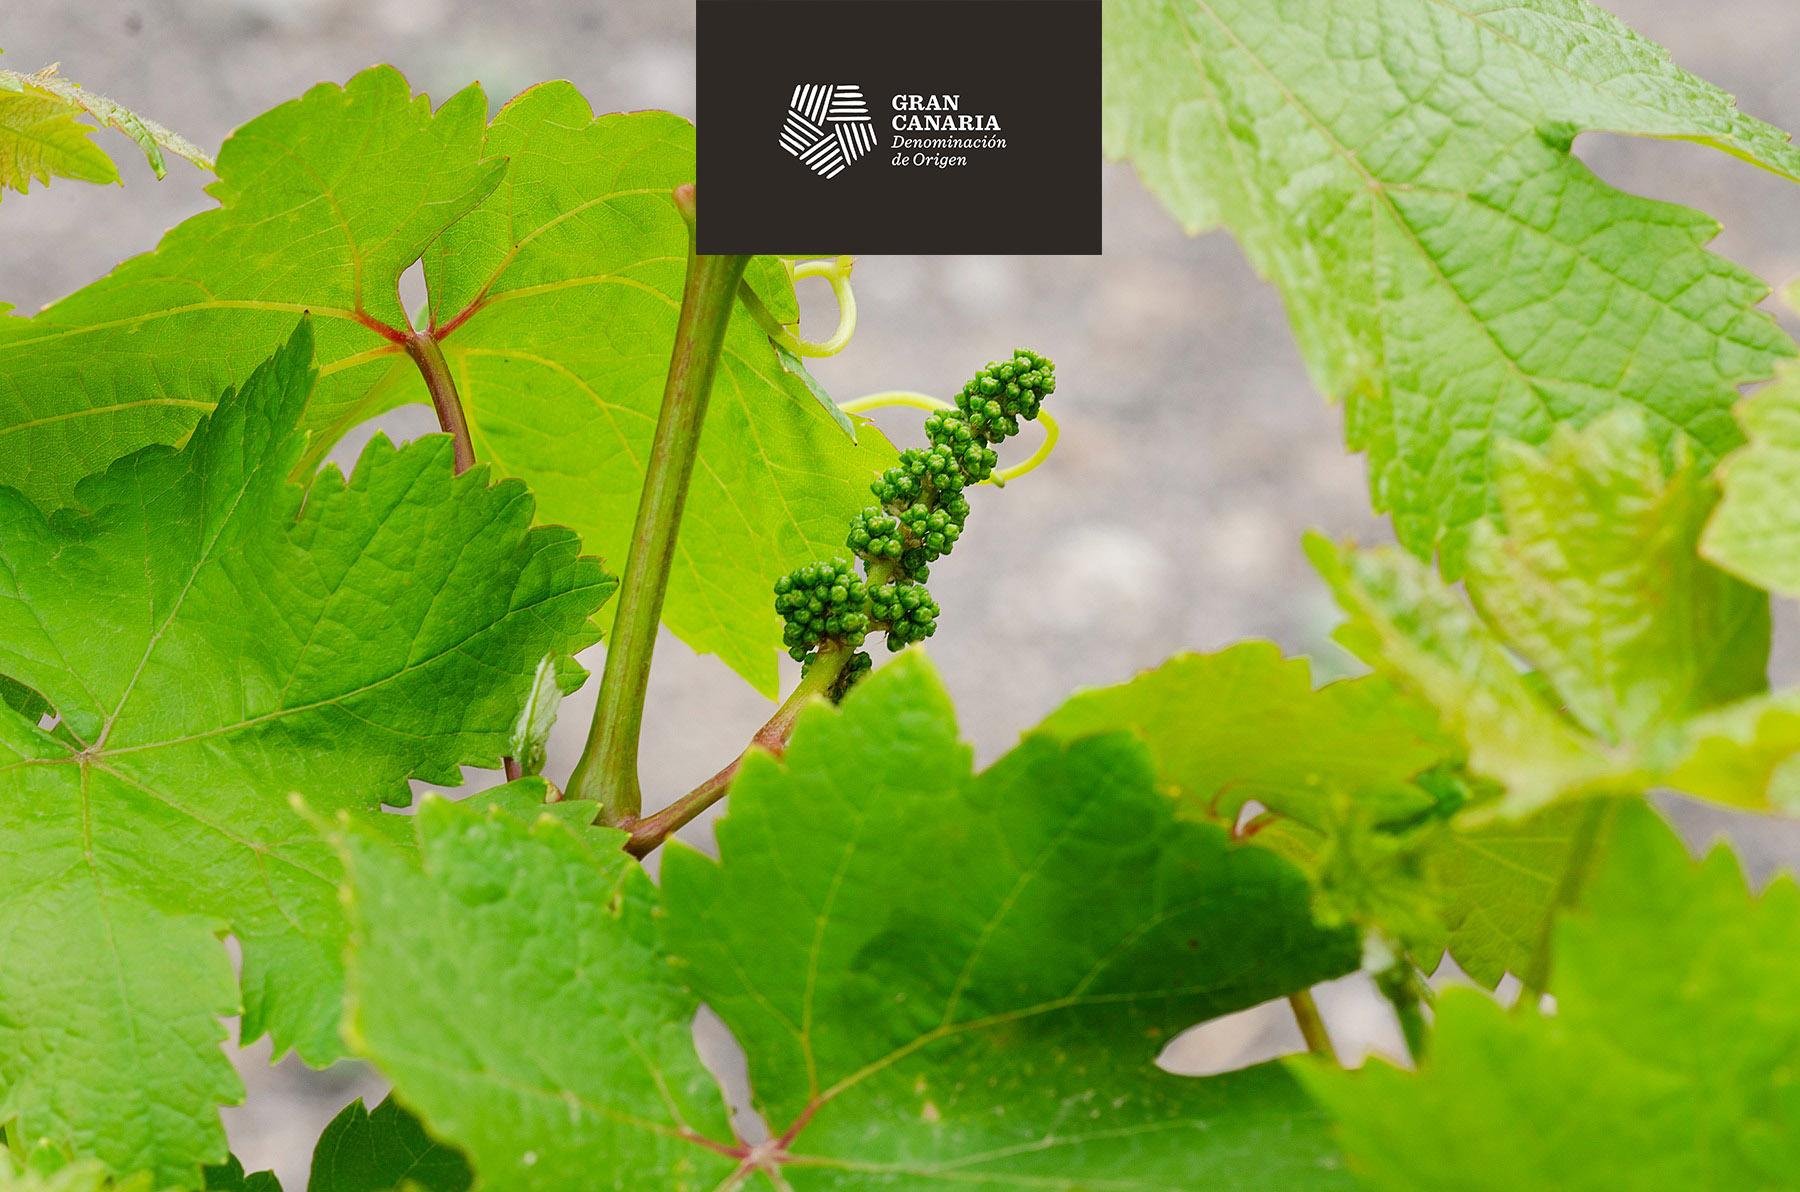 El sector del vino en Gran Canaria podrá acogerse a una serie de medidas de apoyo para amortiguar las pérdidas